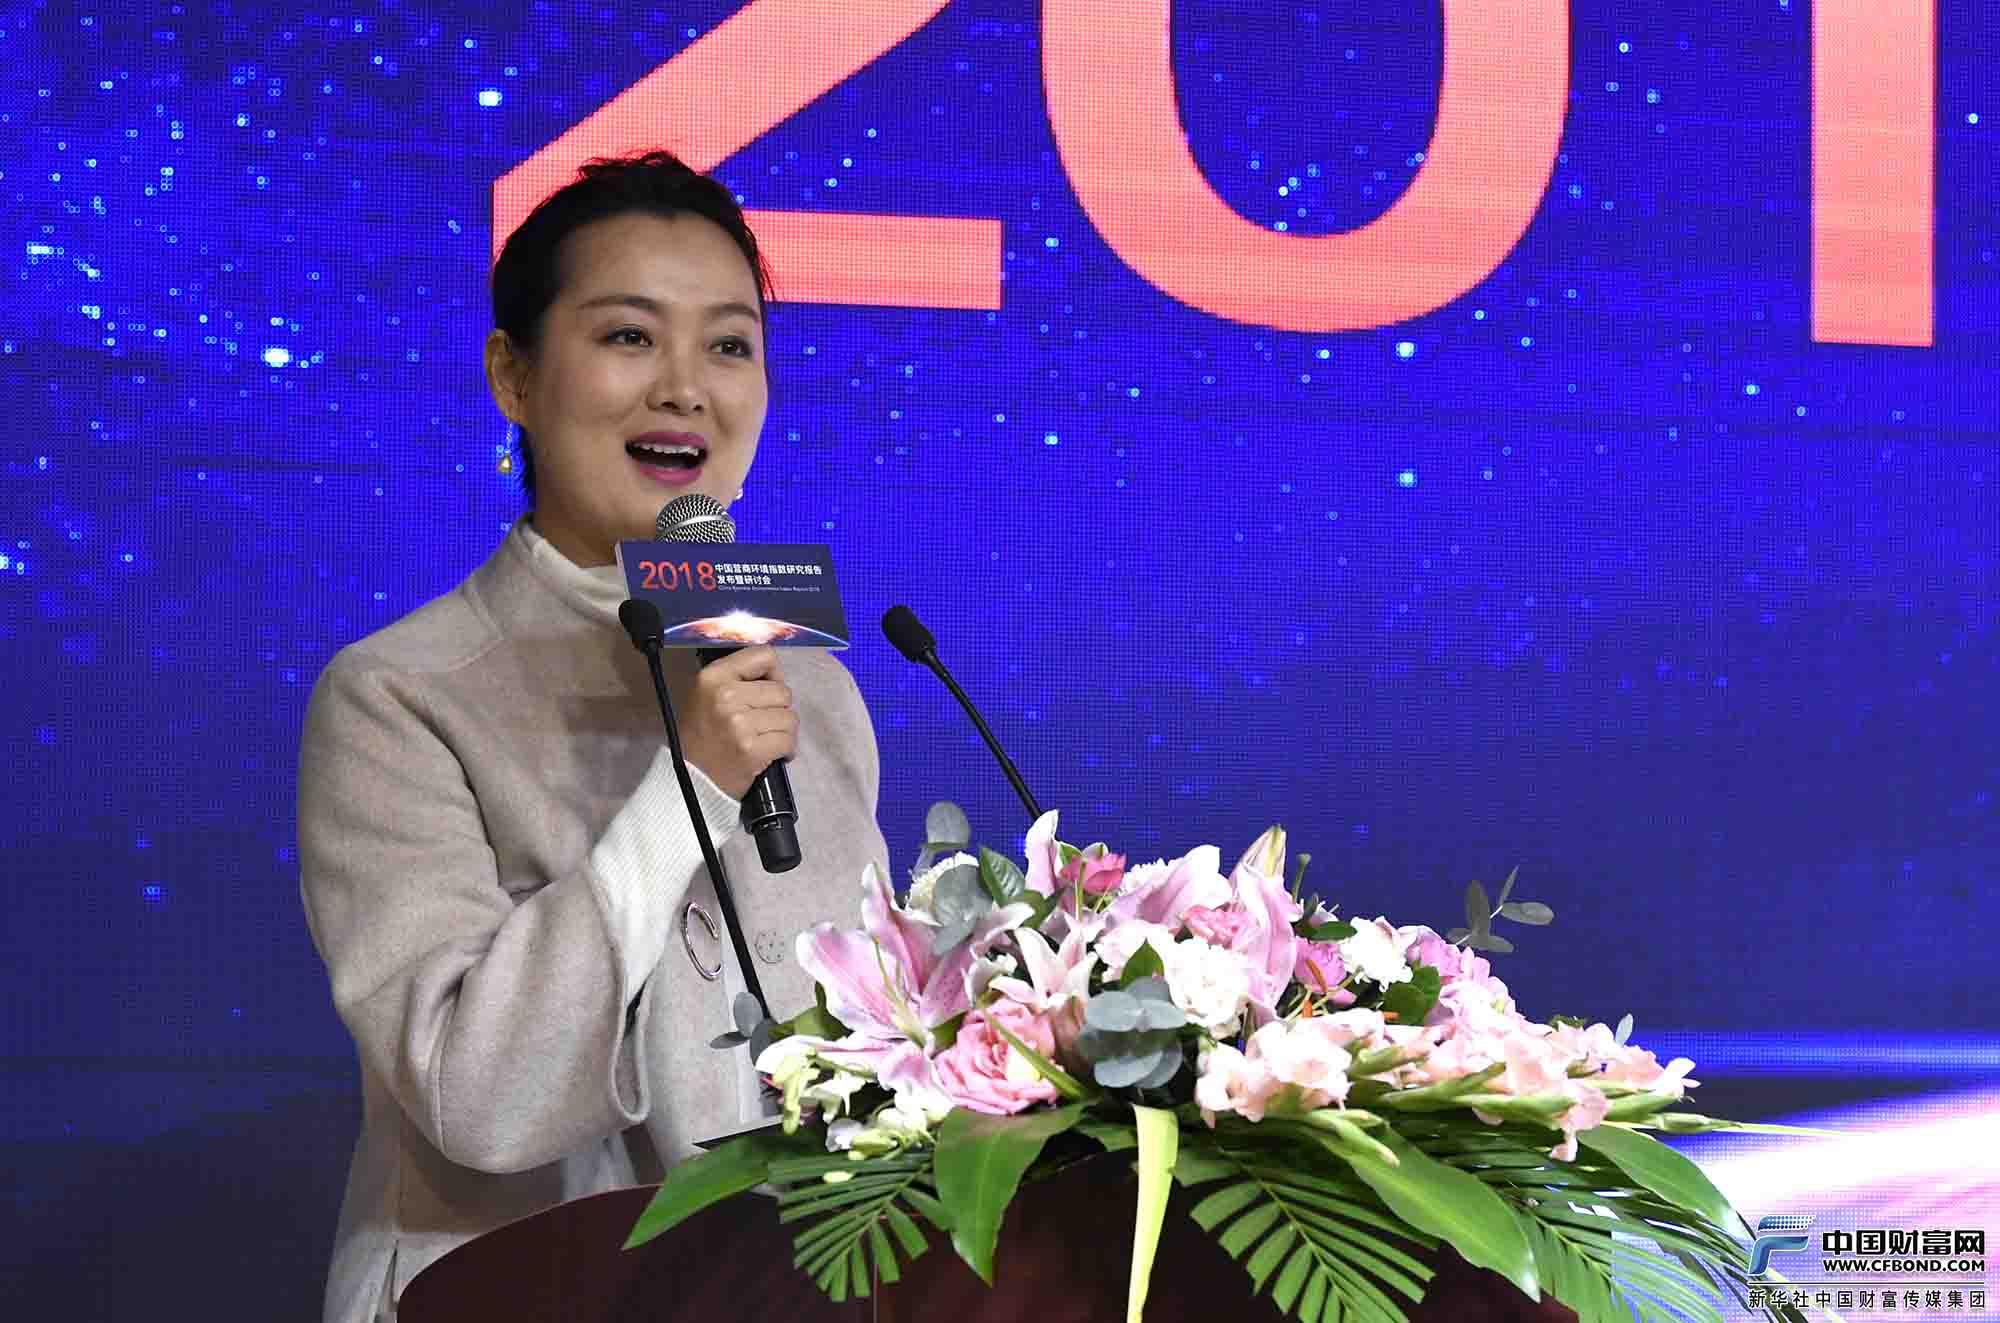 中国财富网主持人方悦